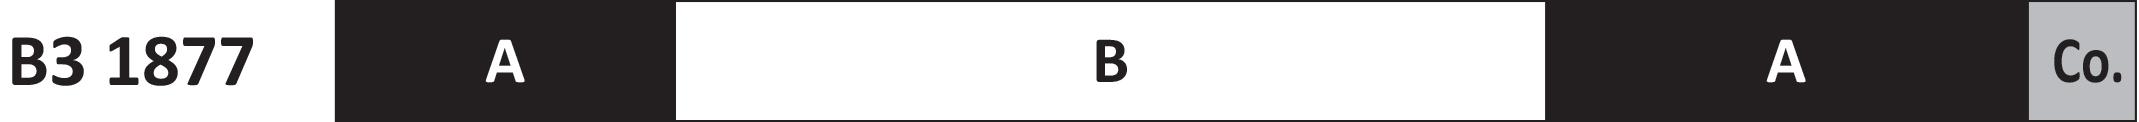 Bruckner Brand Part 2 - Anton Bruckner Third Symphony 1877